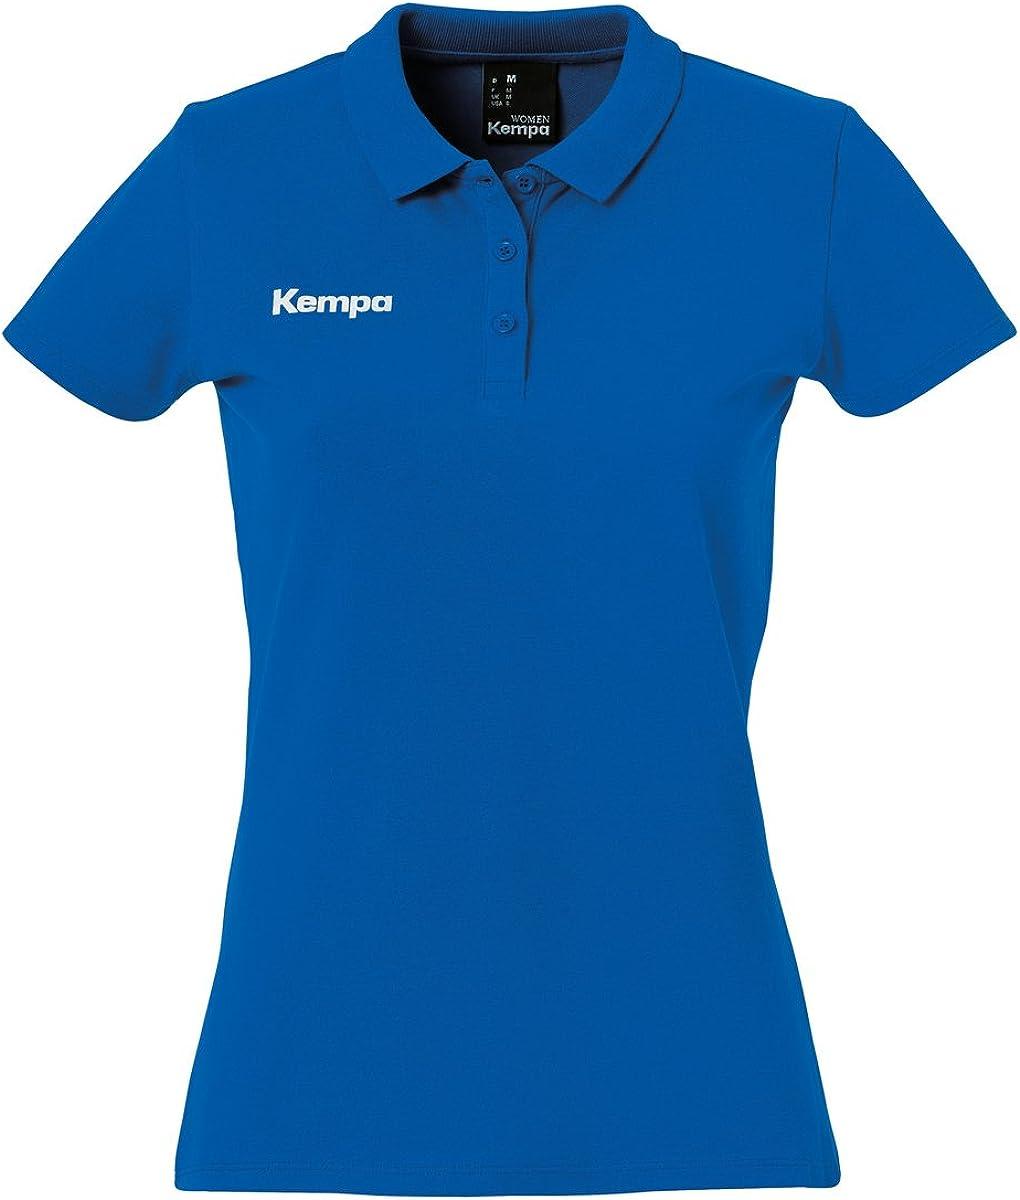 Kempa 200234708 Polo, Mujer